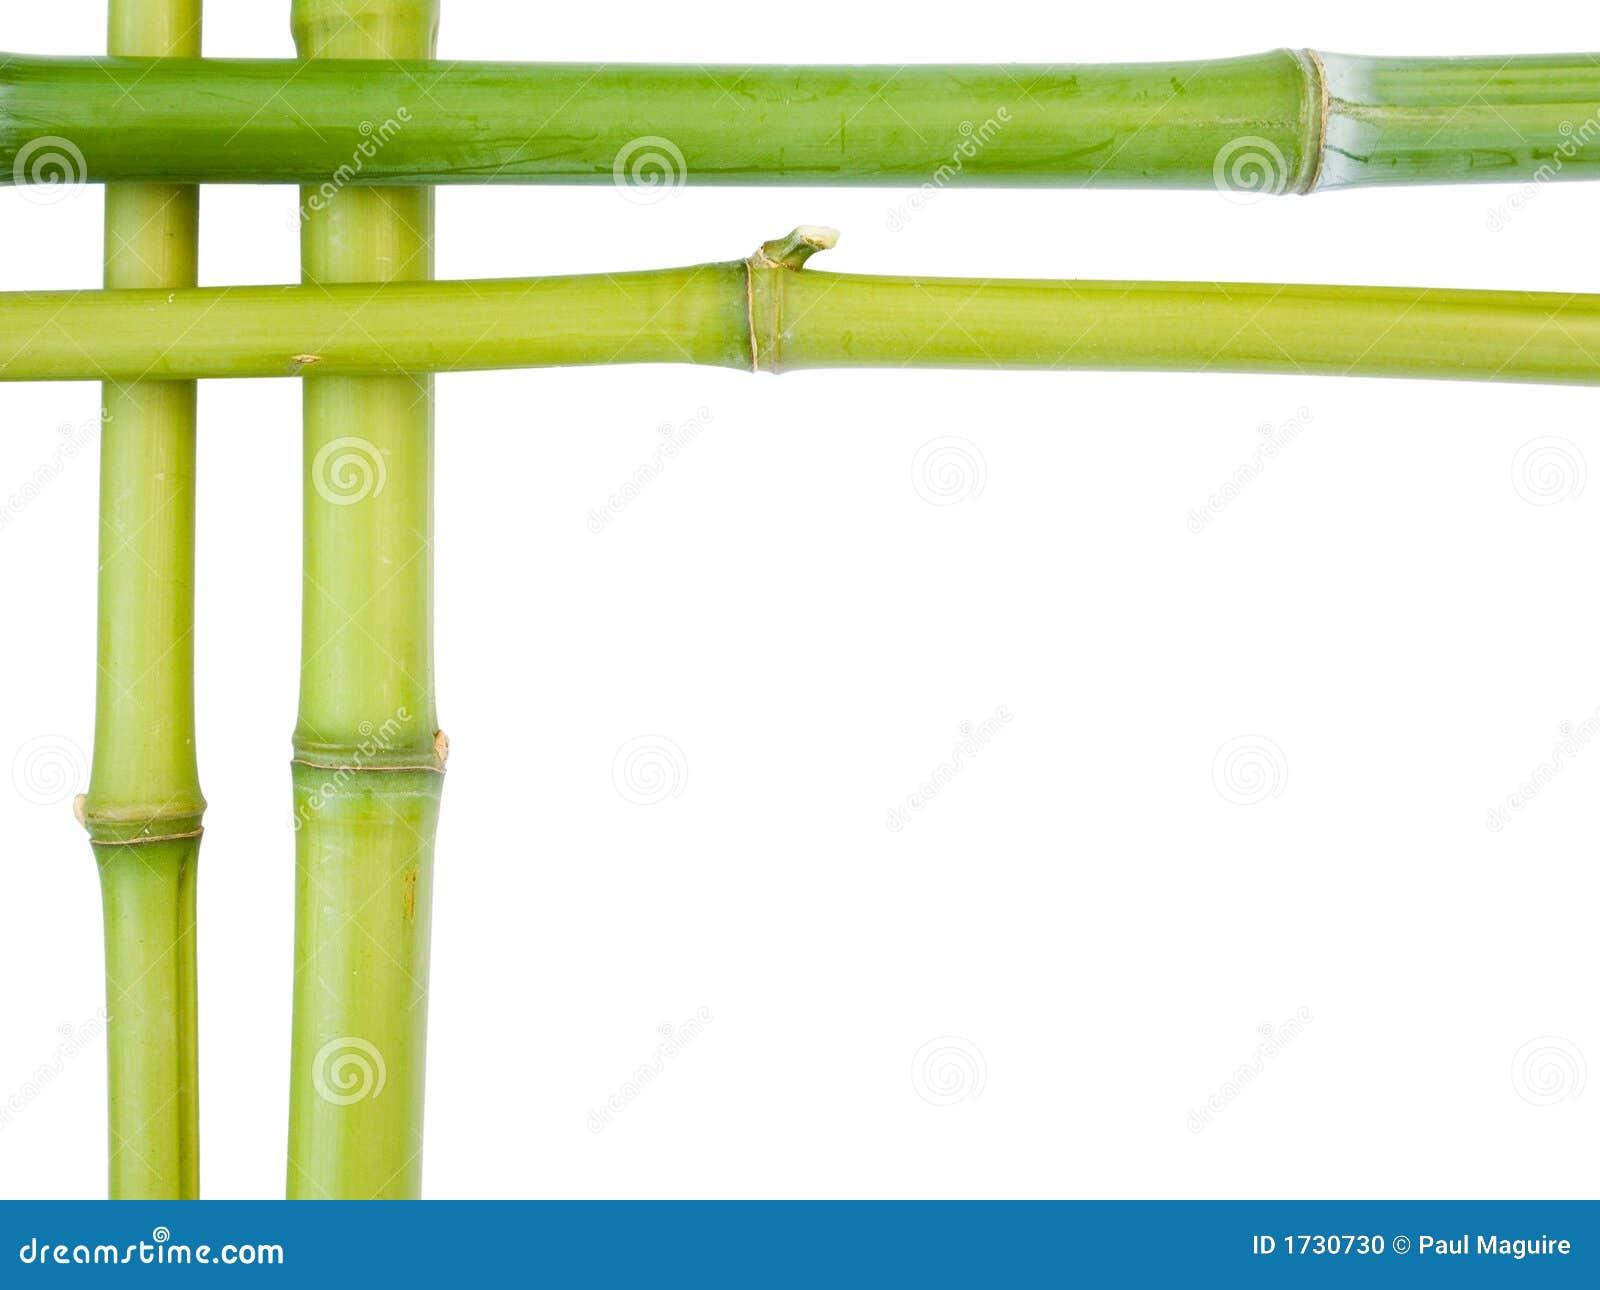 Bamboo borders